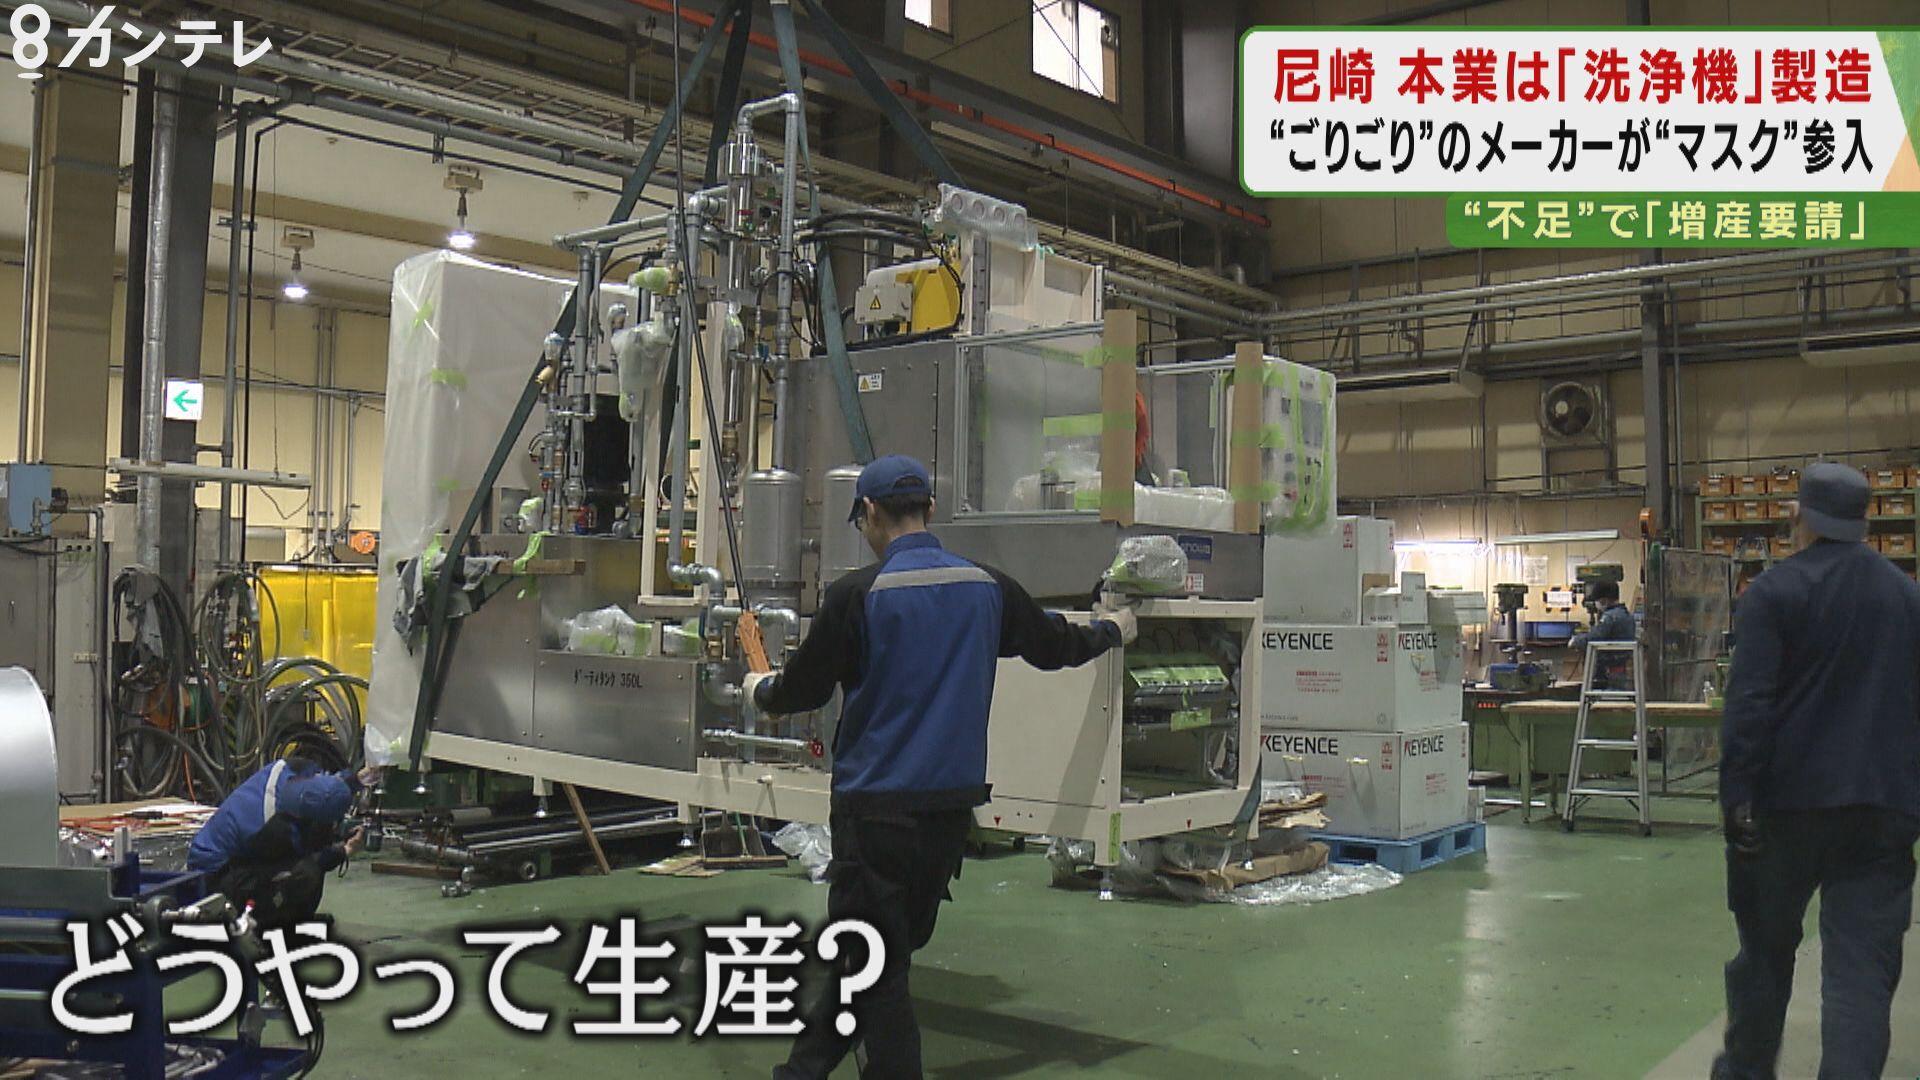 【特集】『マスクが足りない』…生産に乗り出した 「ごりごりの機械メーカー」や「靴下を作る会社」